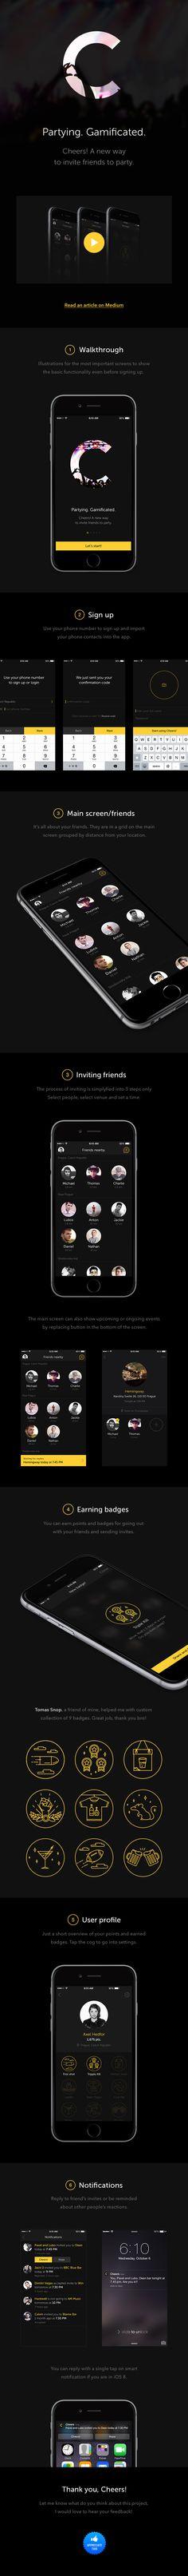 Unique App Design, Cheers #App #Design